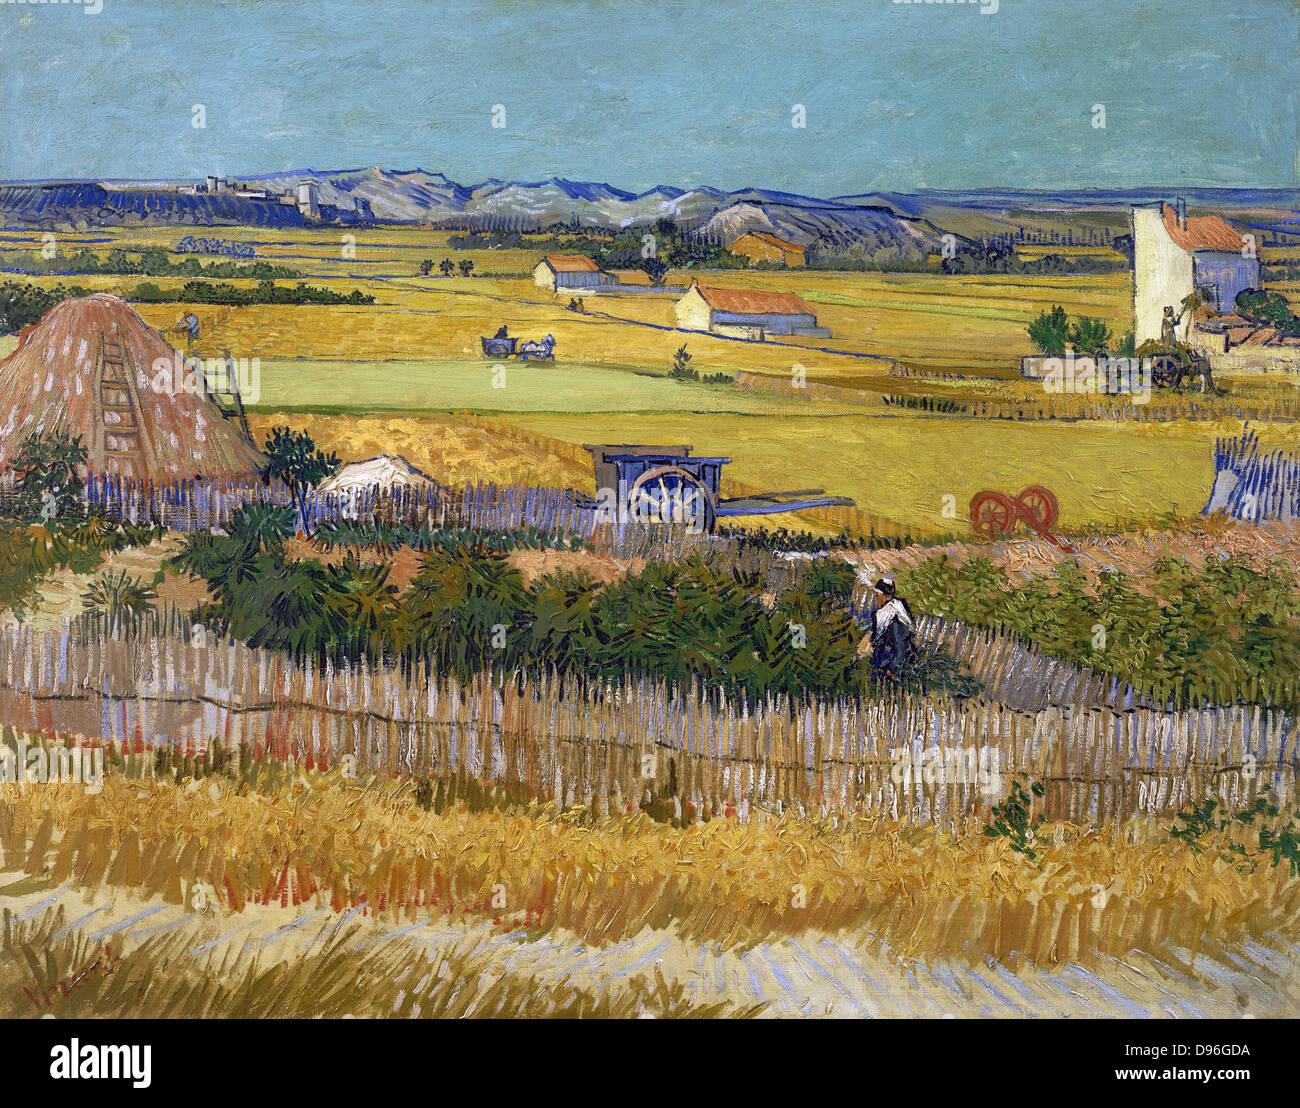 L 'Harvest', une peinture de Vincent Van Gogh représentant une scène rurale. Huile sur toile. Photo Stock